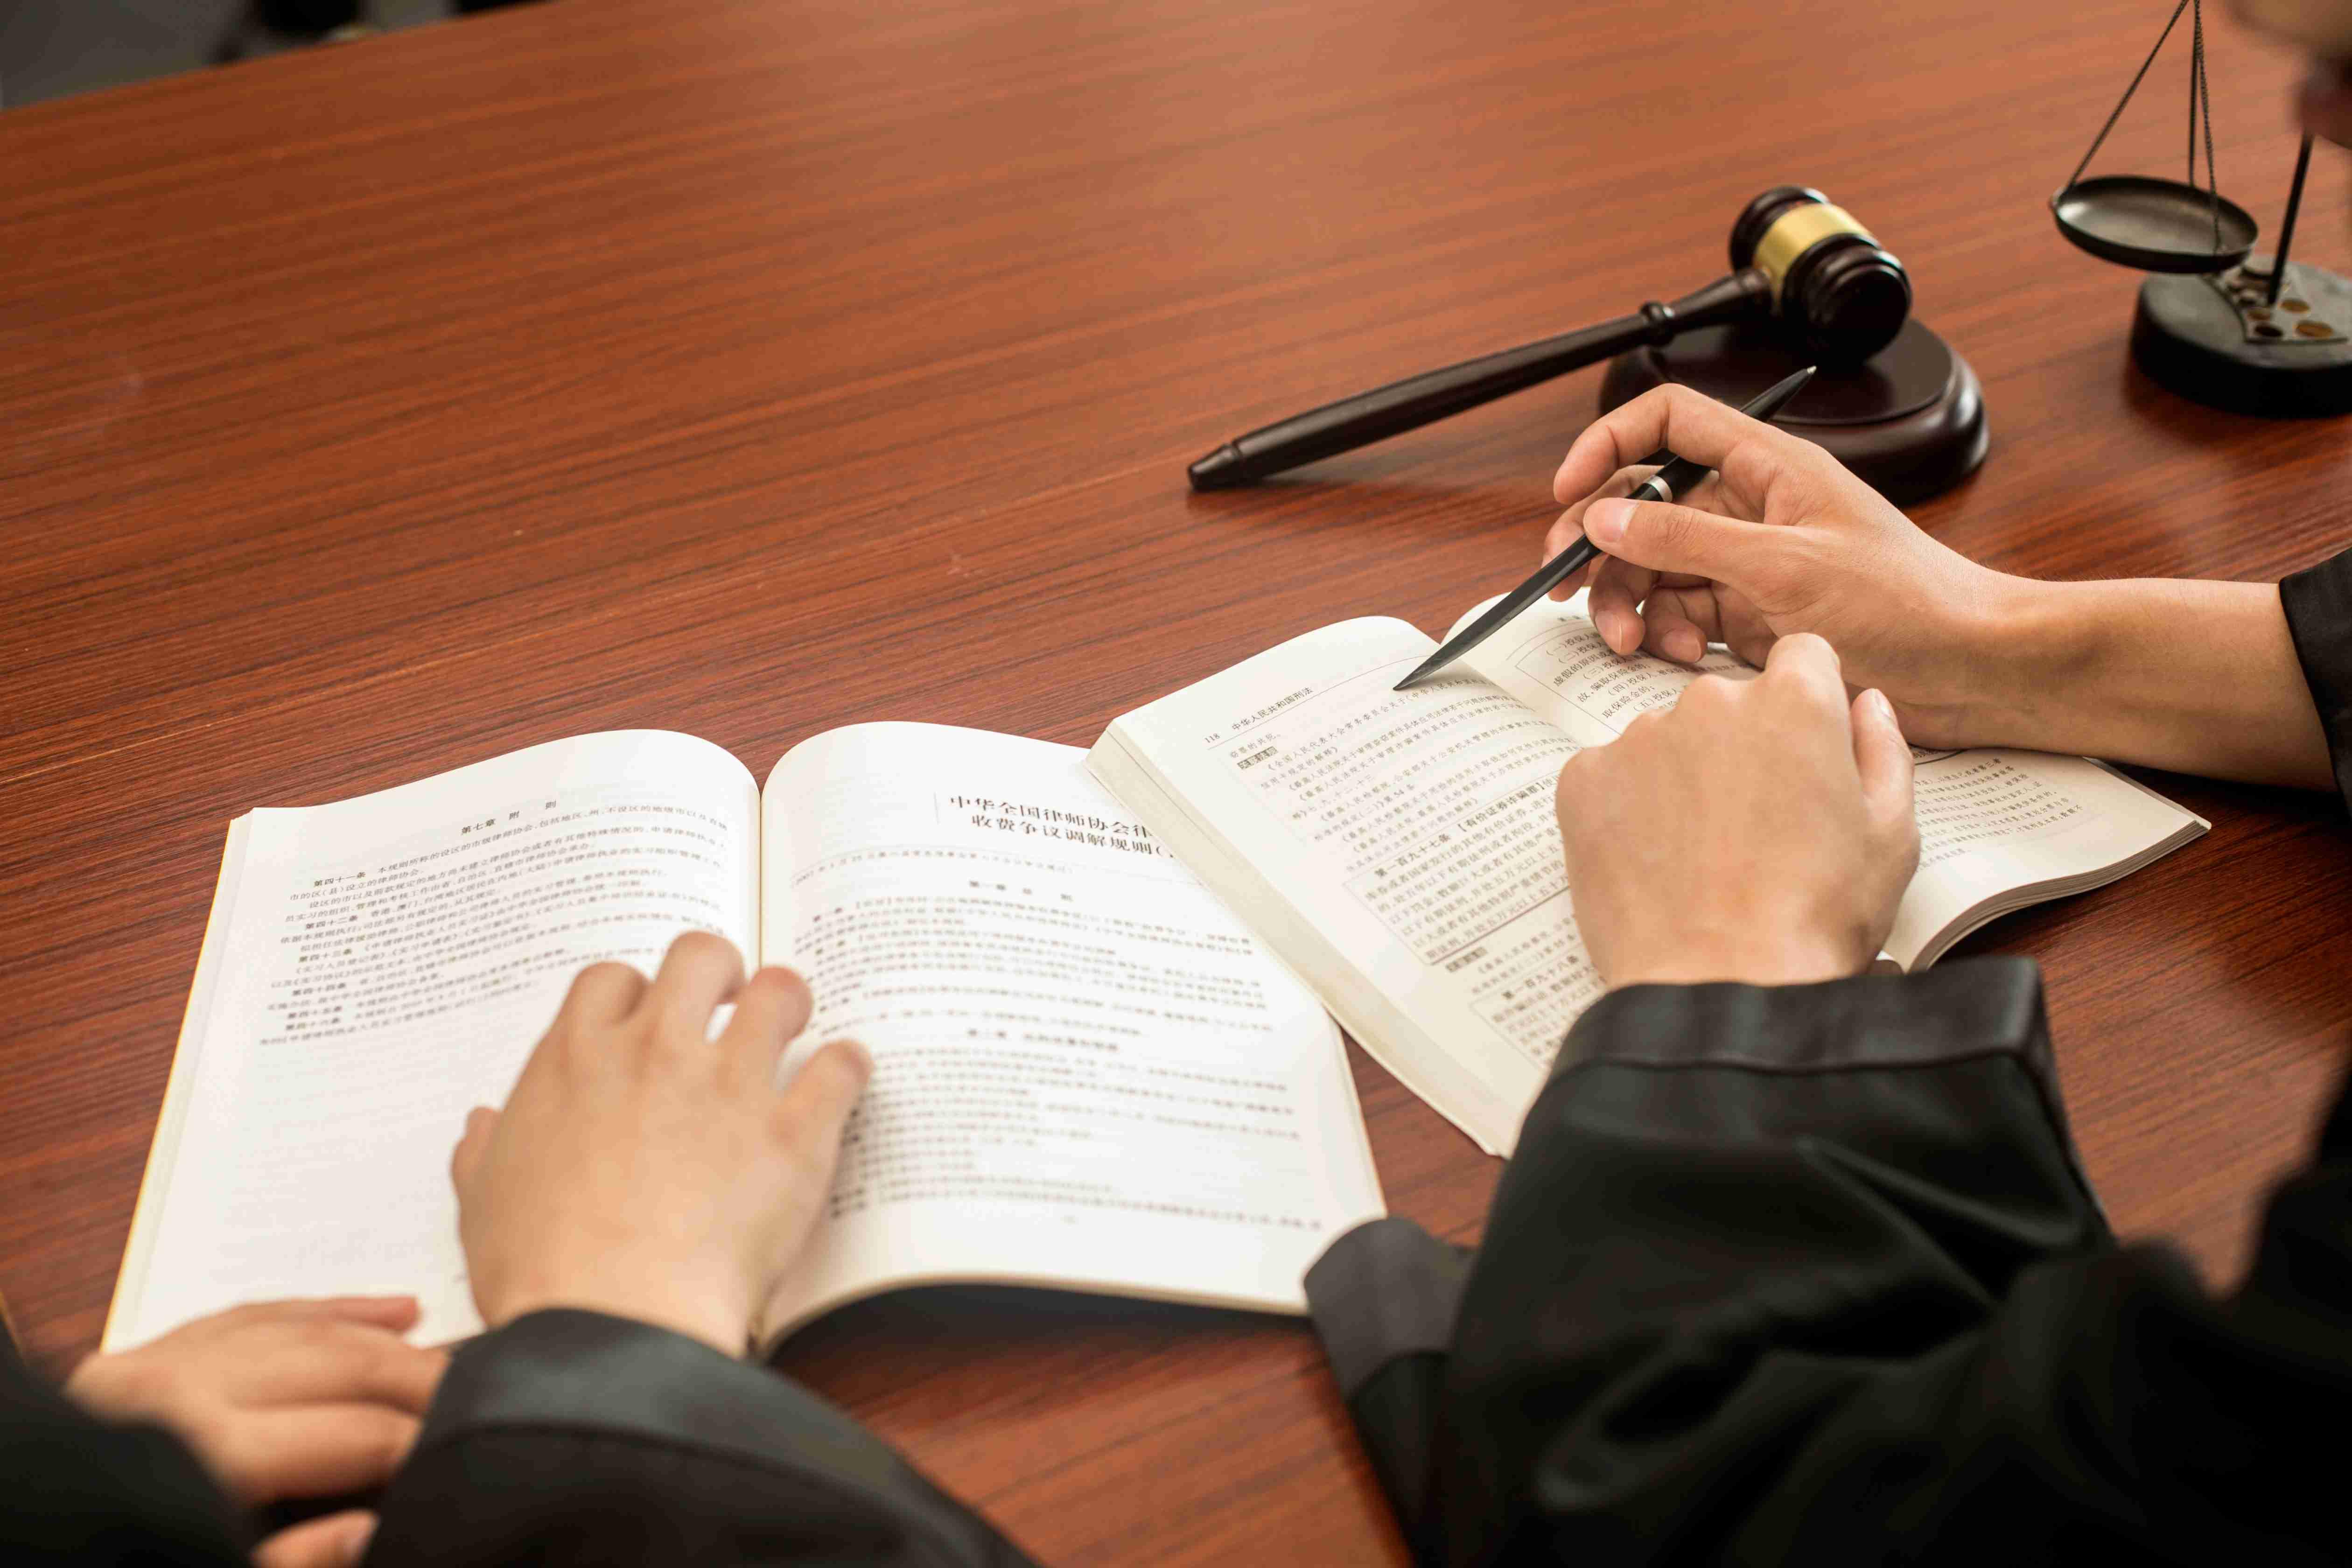 深圳专利维权律师服务 一对一在线咨询